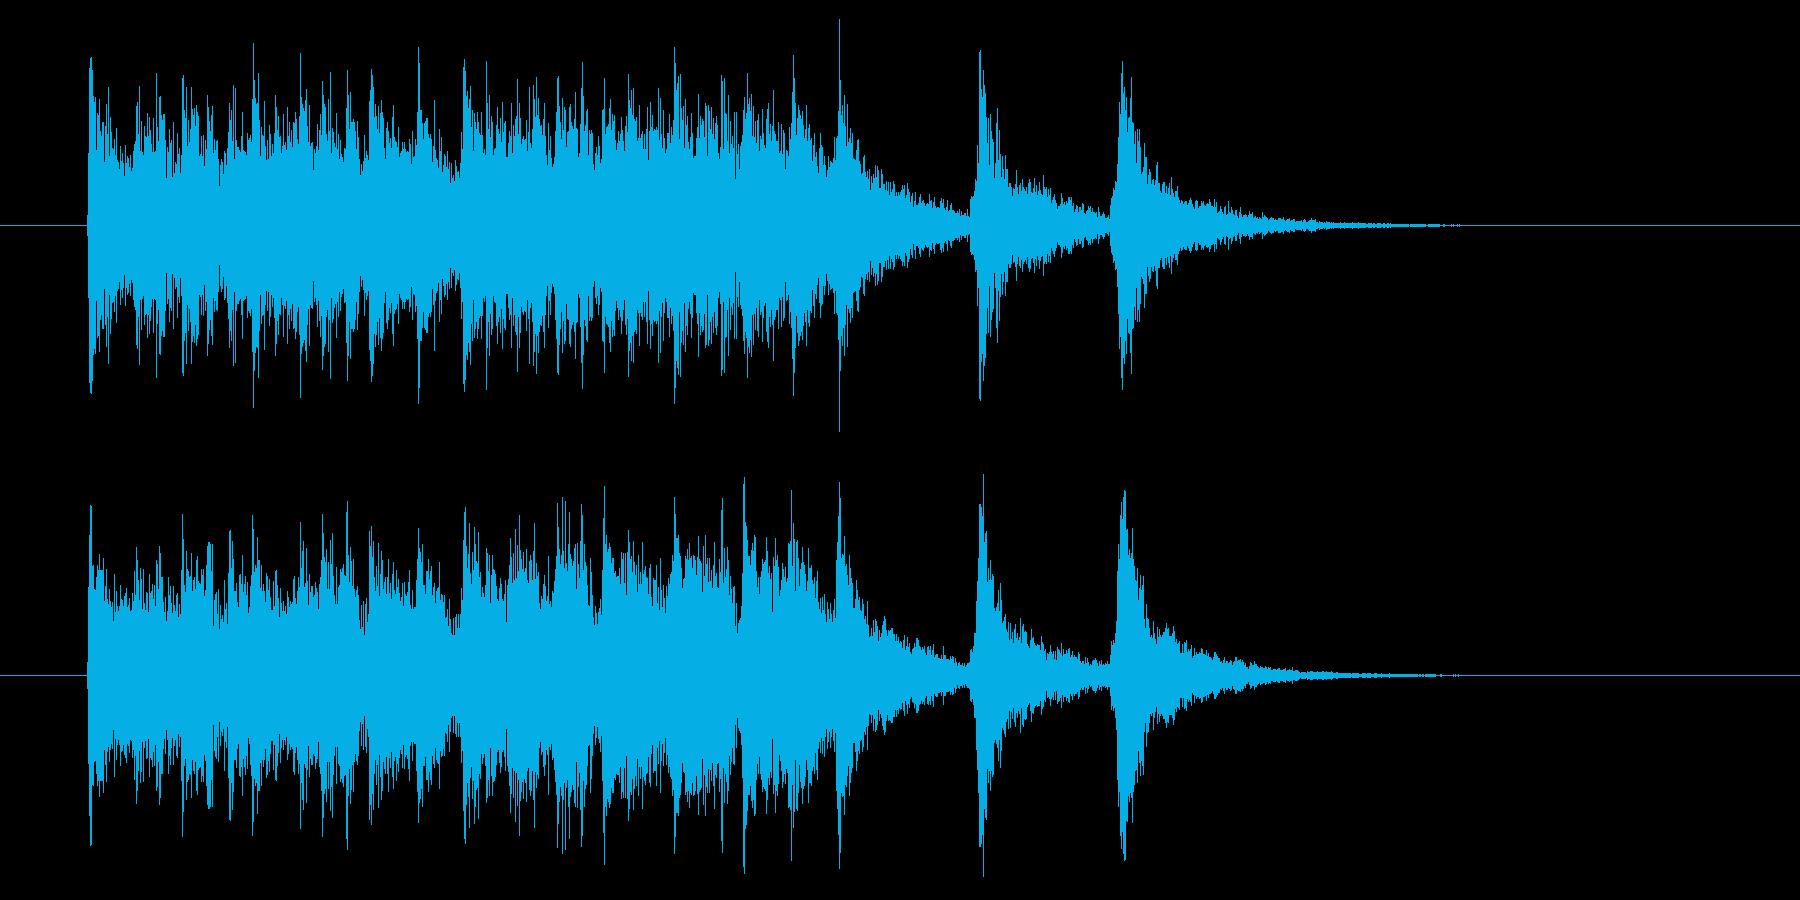 疾走感のあるフュージョンミュージックの再生済みの波形